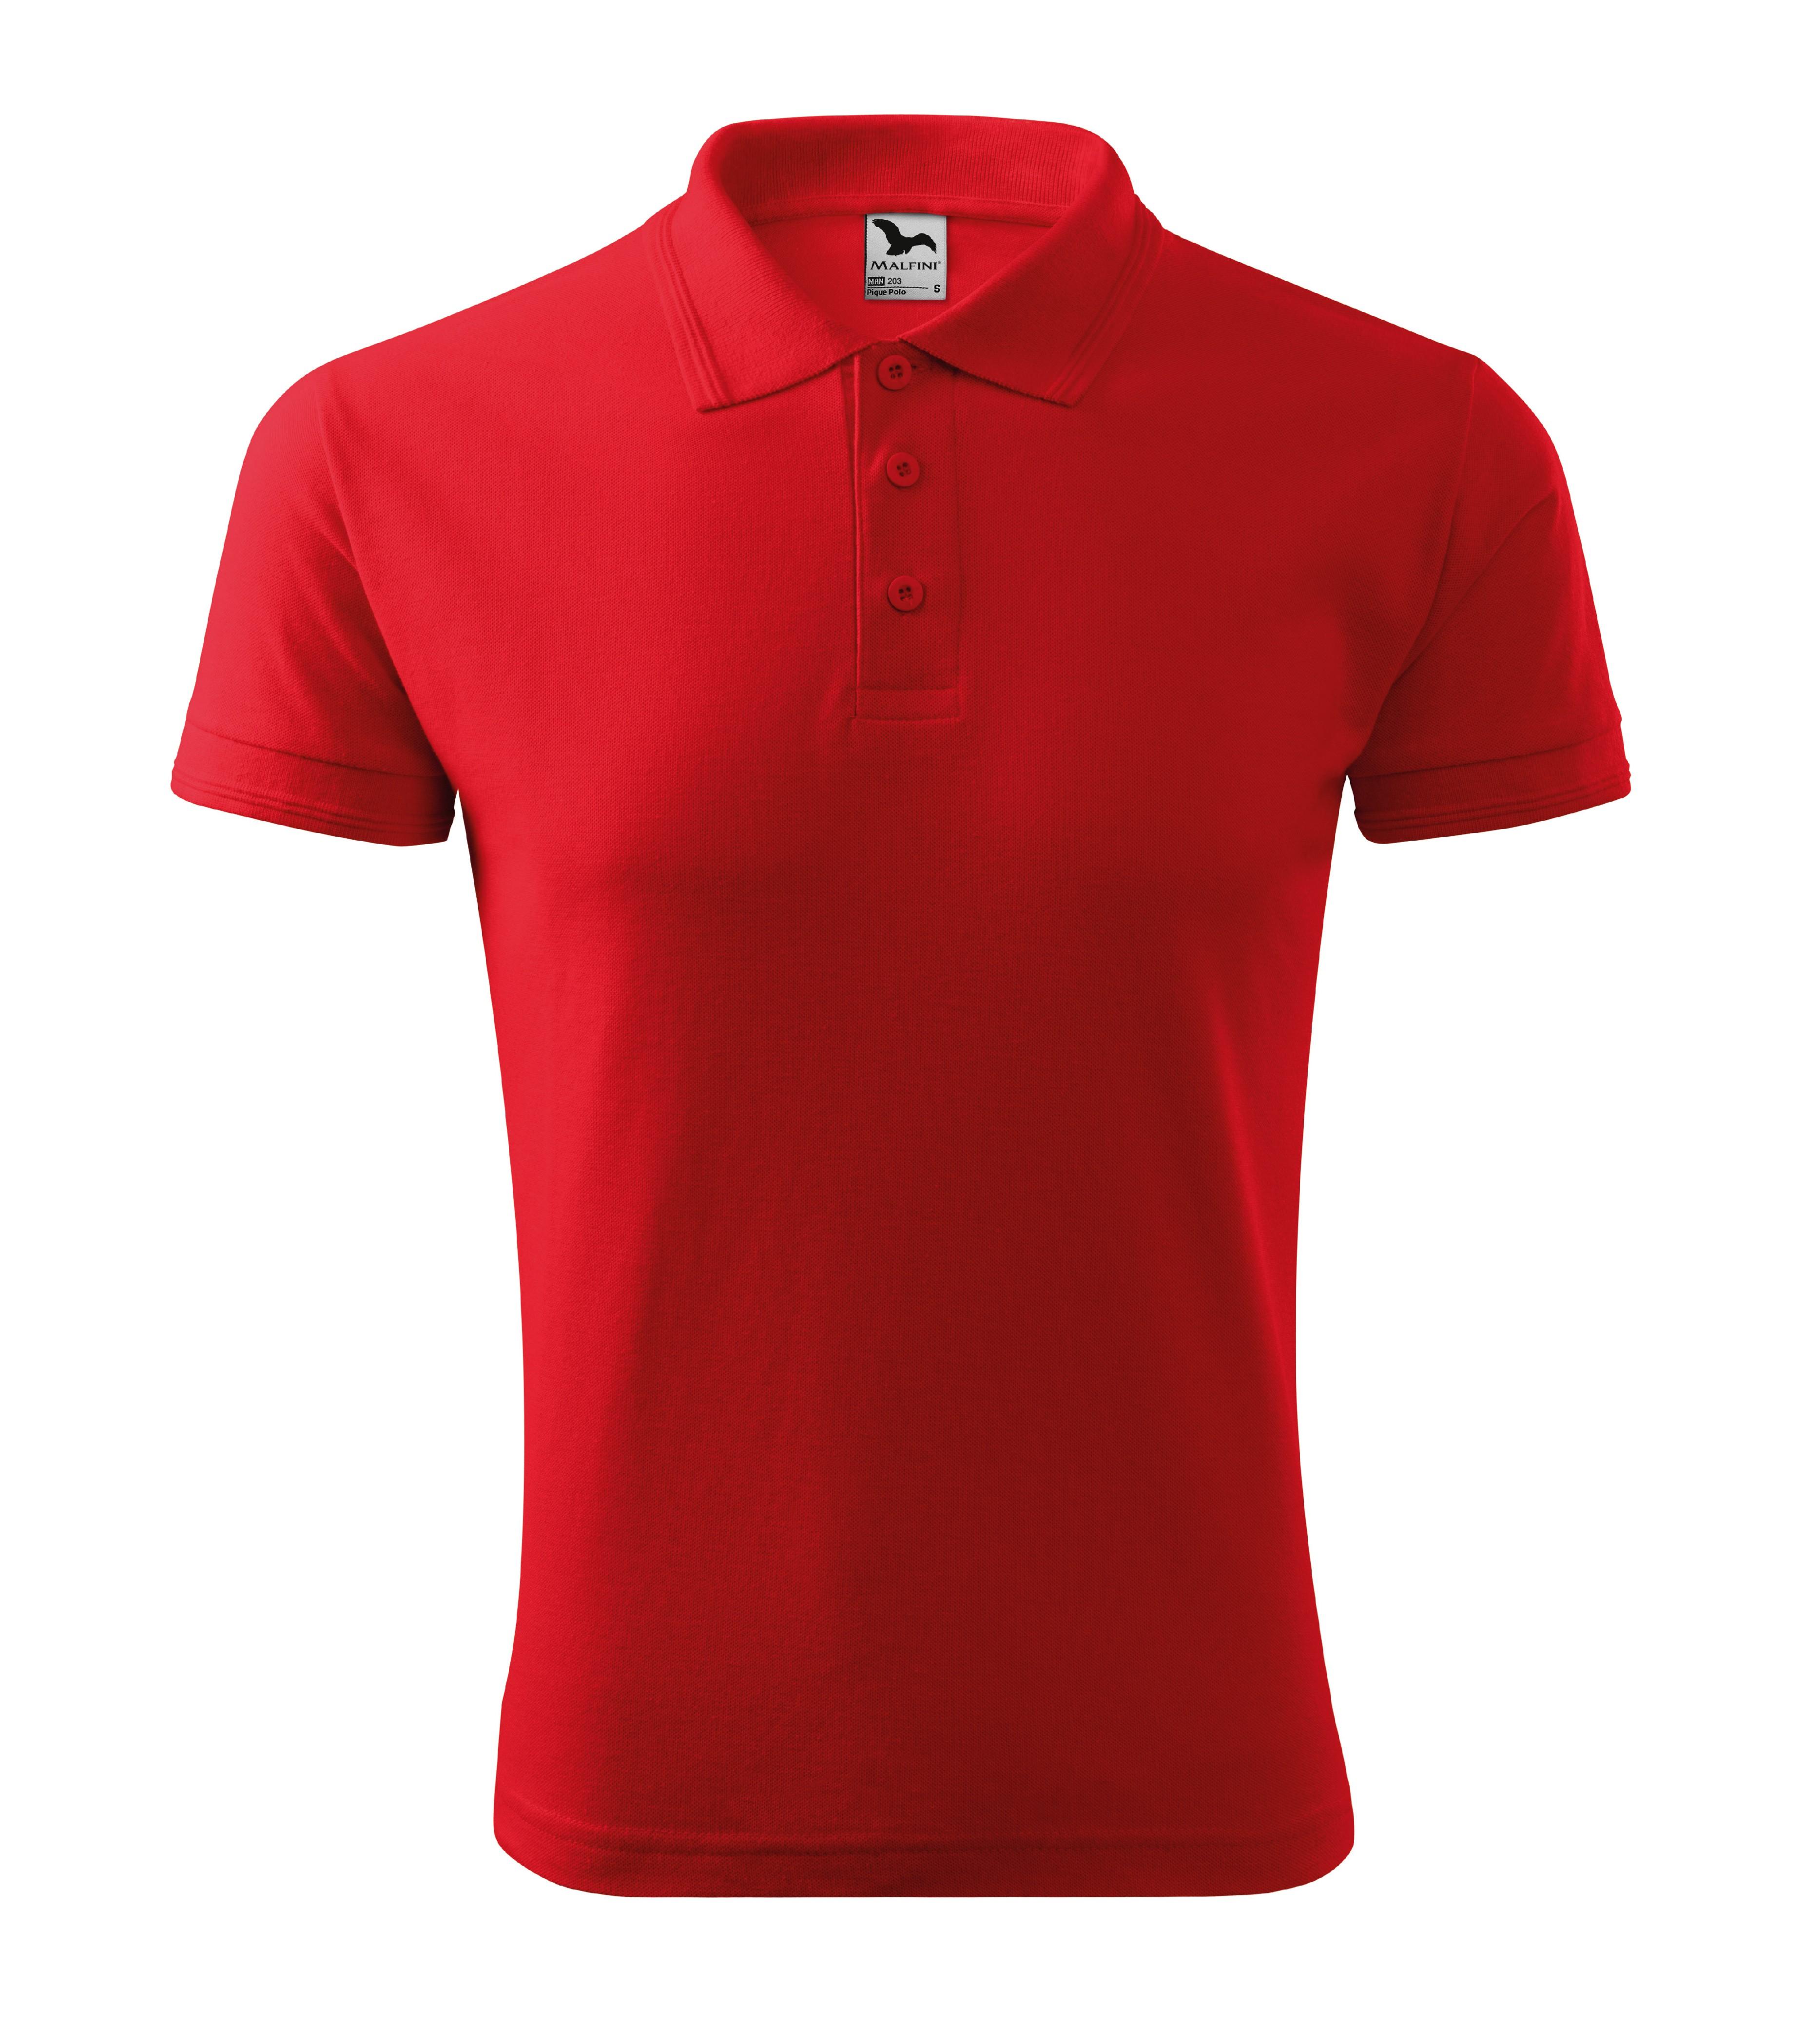 Polokošile pánská Pique Polo Barva: červená, Velikost: L